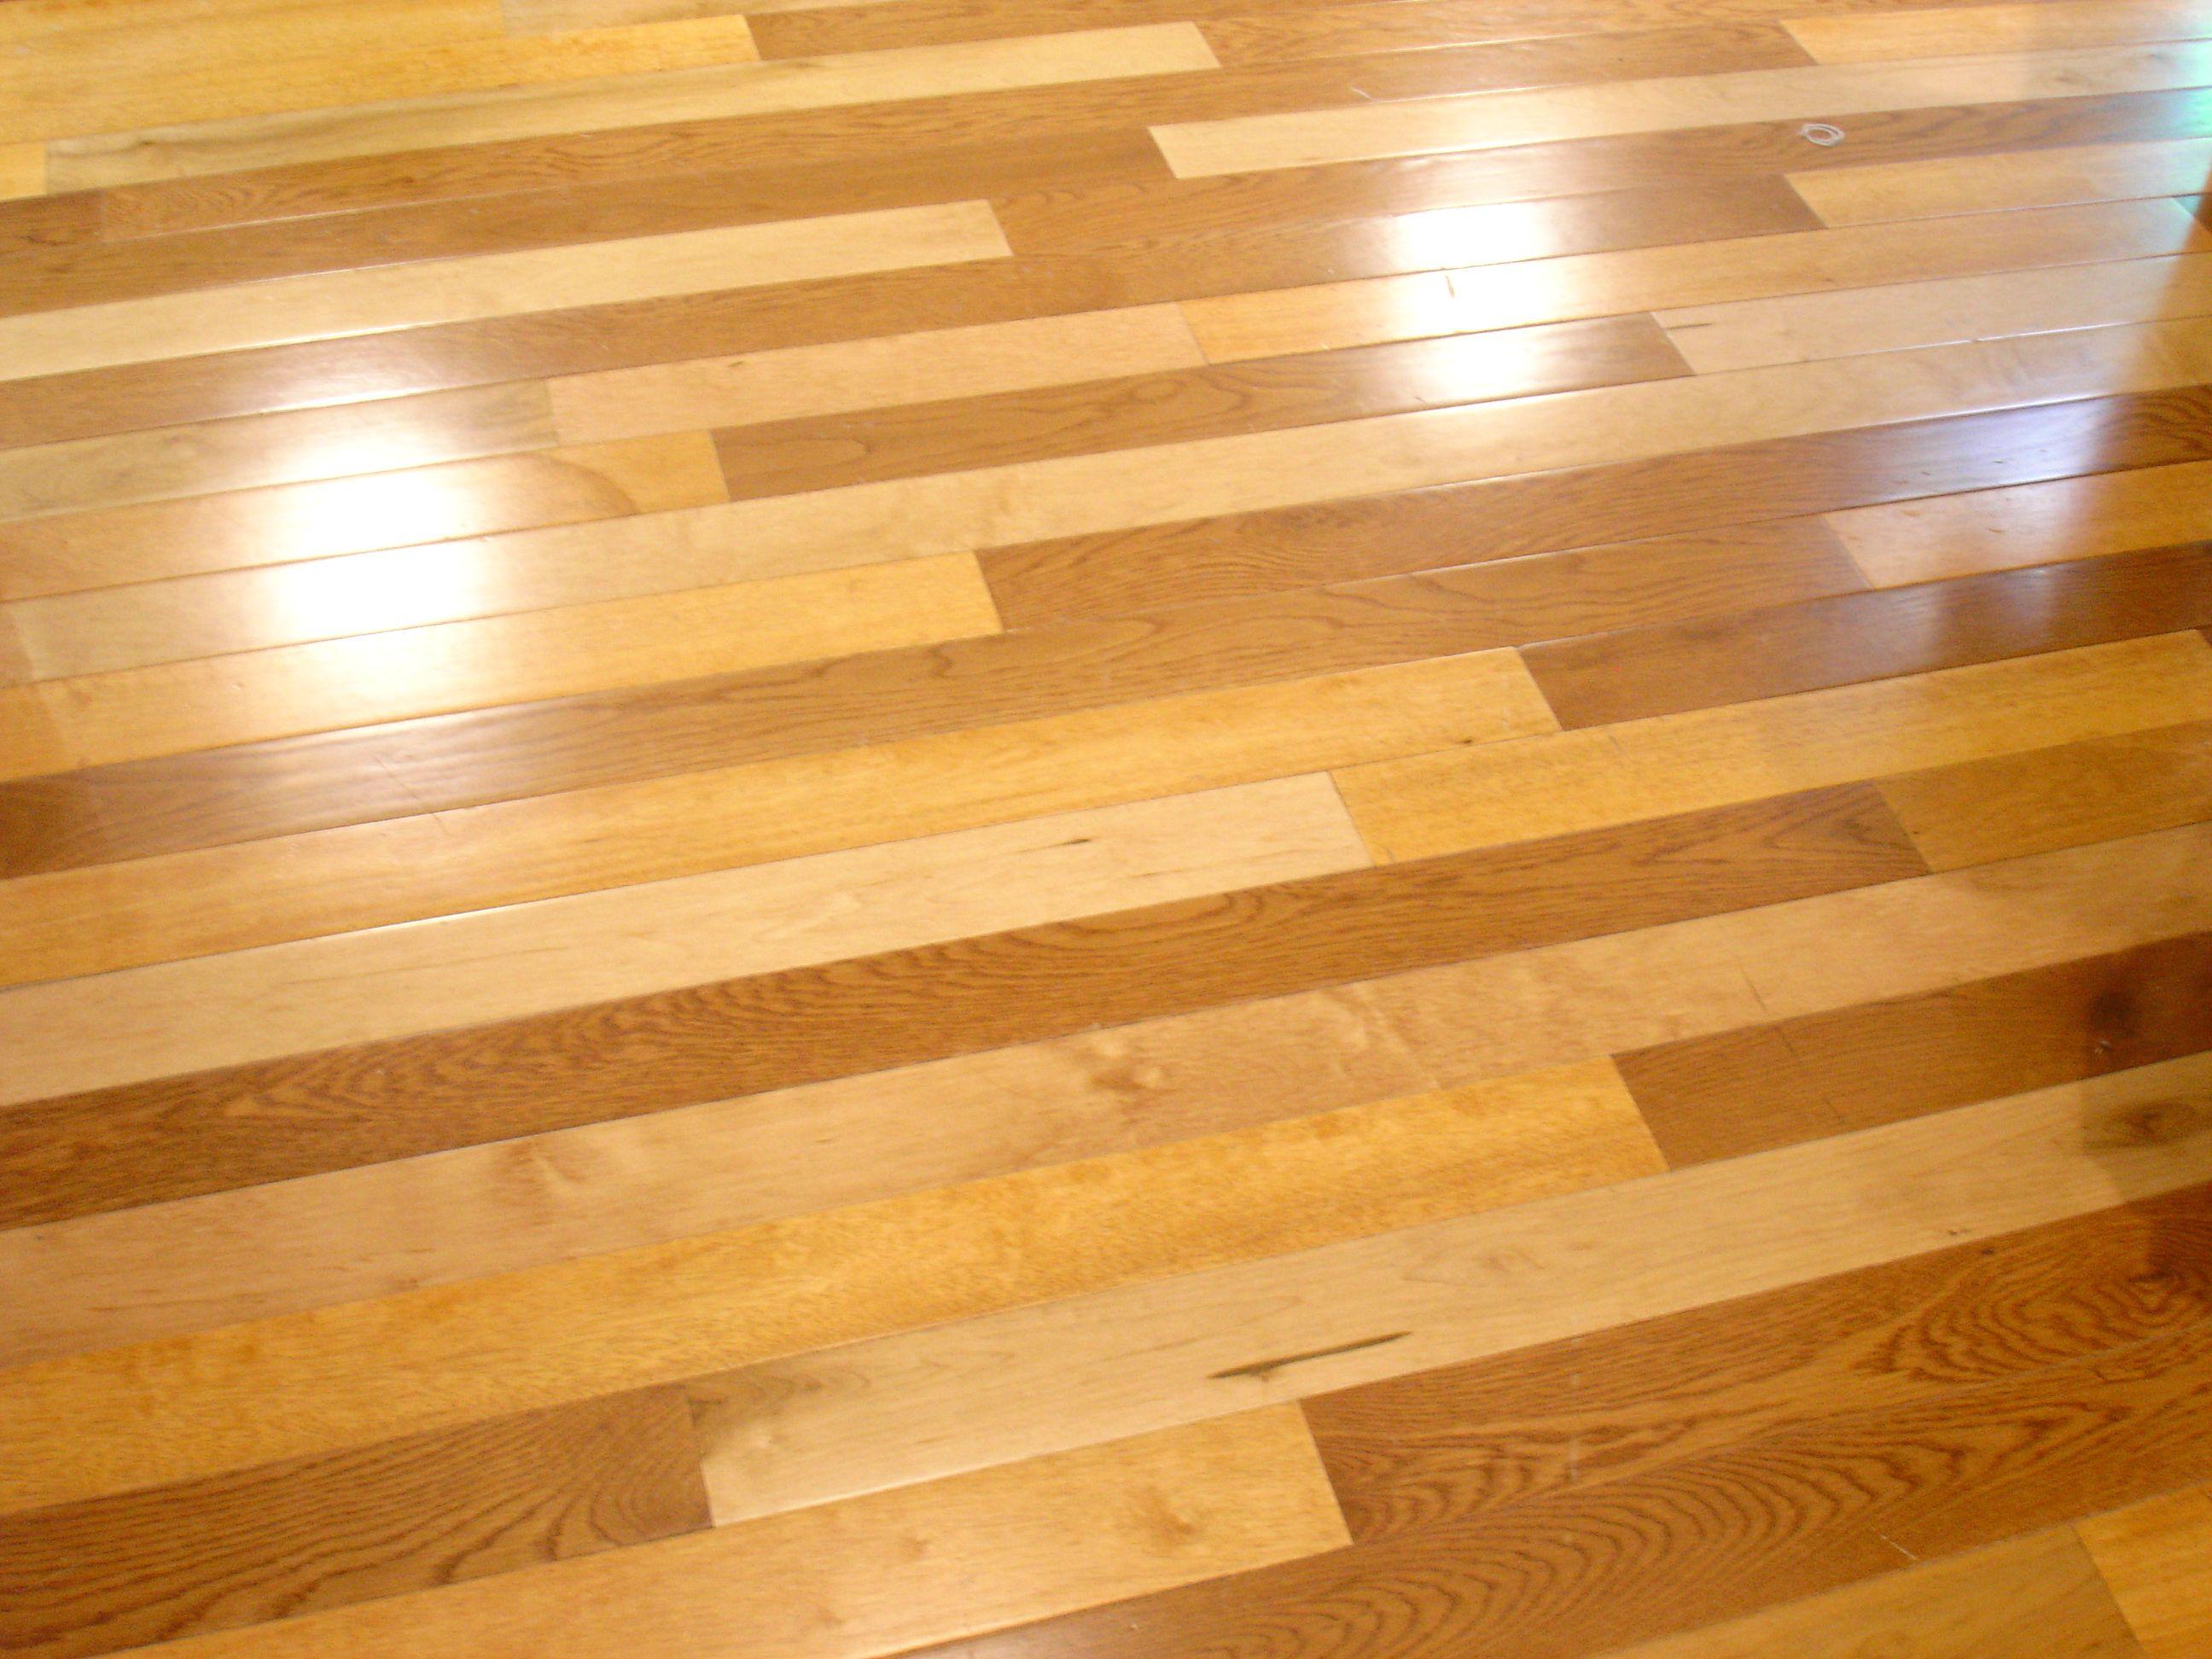 MultiColor Hardwood Flooring Hardwood floors, Flooring